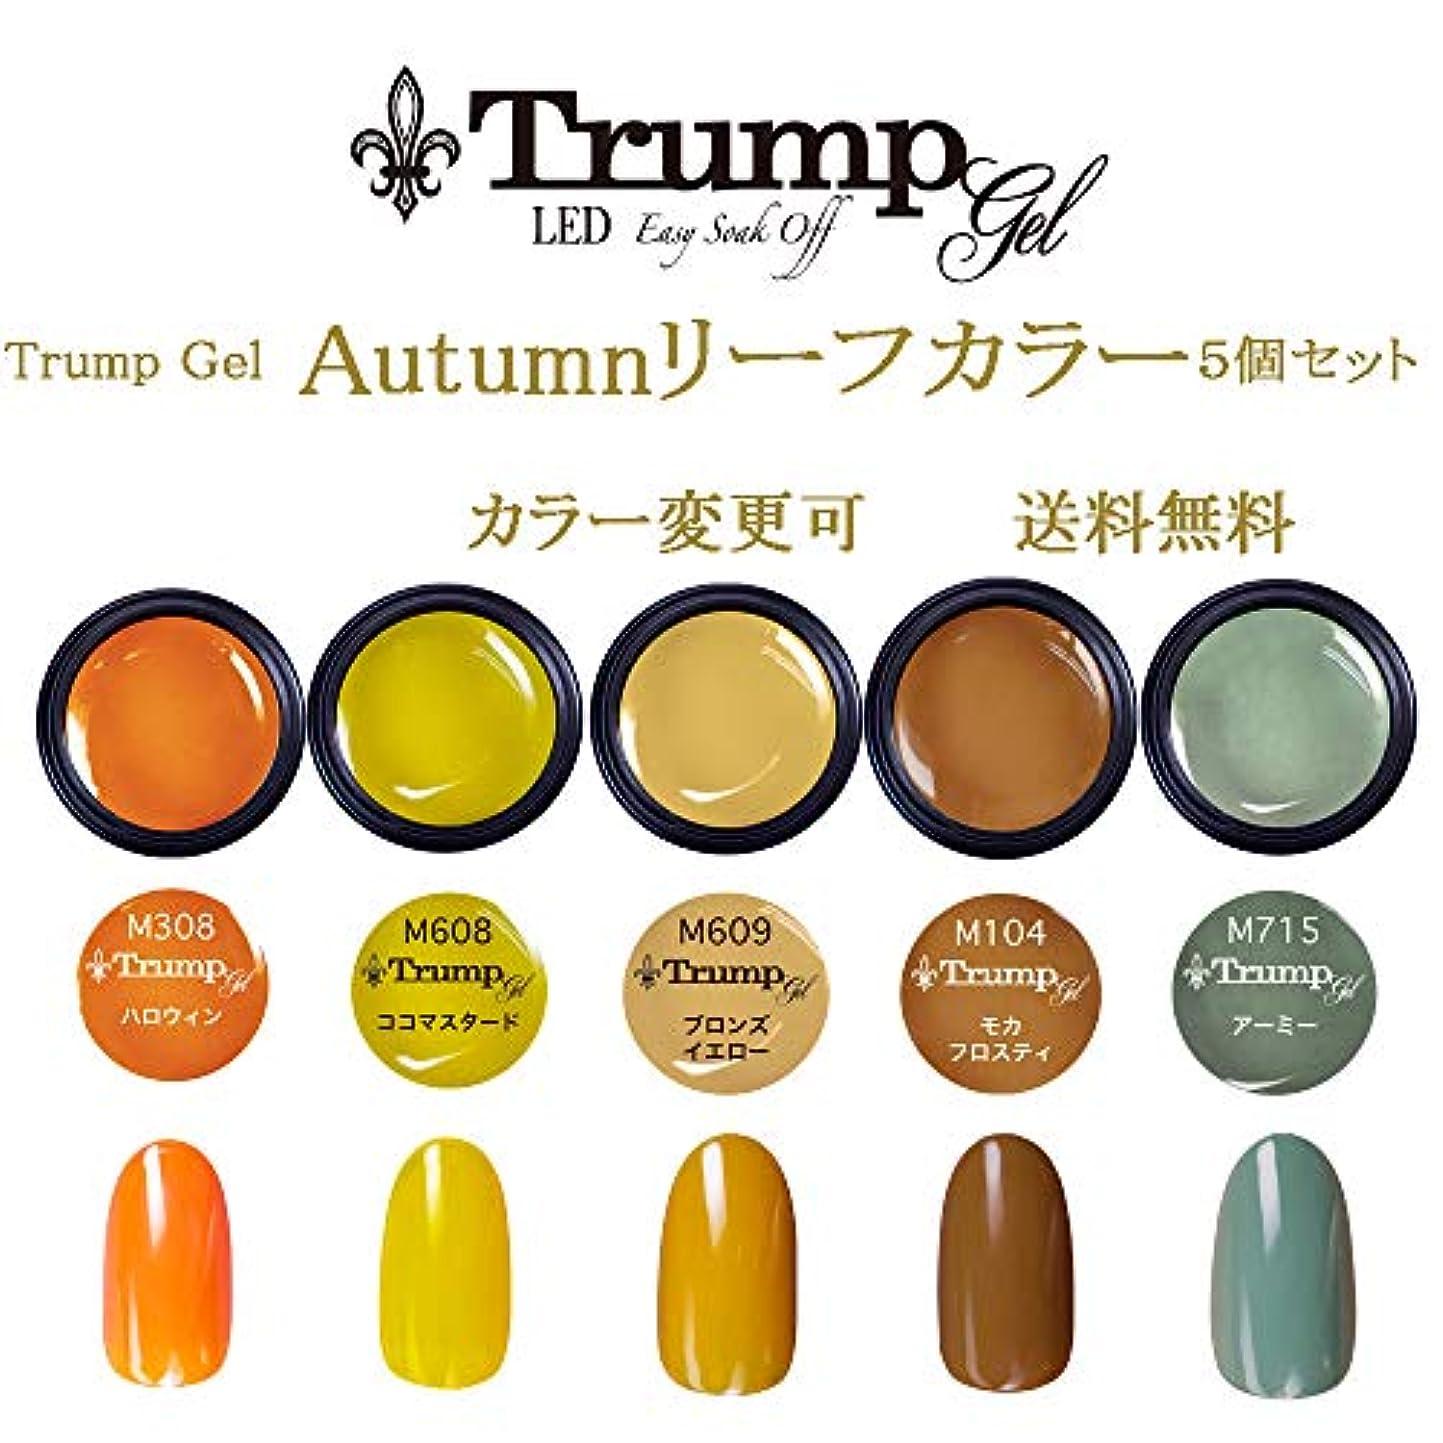 周波数ガジュマルページェント【送料無料】日本製 Trump gel トランプジェル オータムリーフカラー 選べる カラージェル 5個セット オータムネイル ベージュ ブラウン マスタード カラー